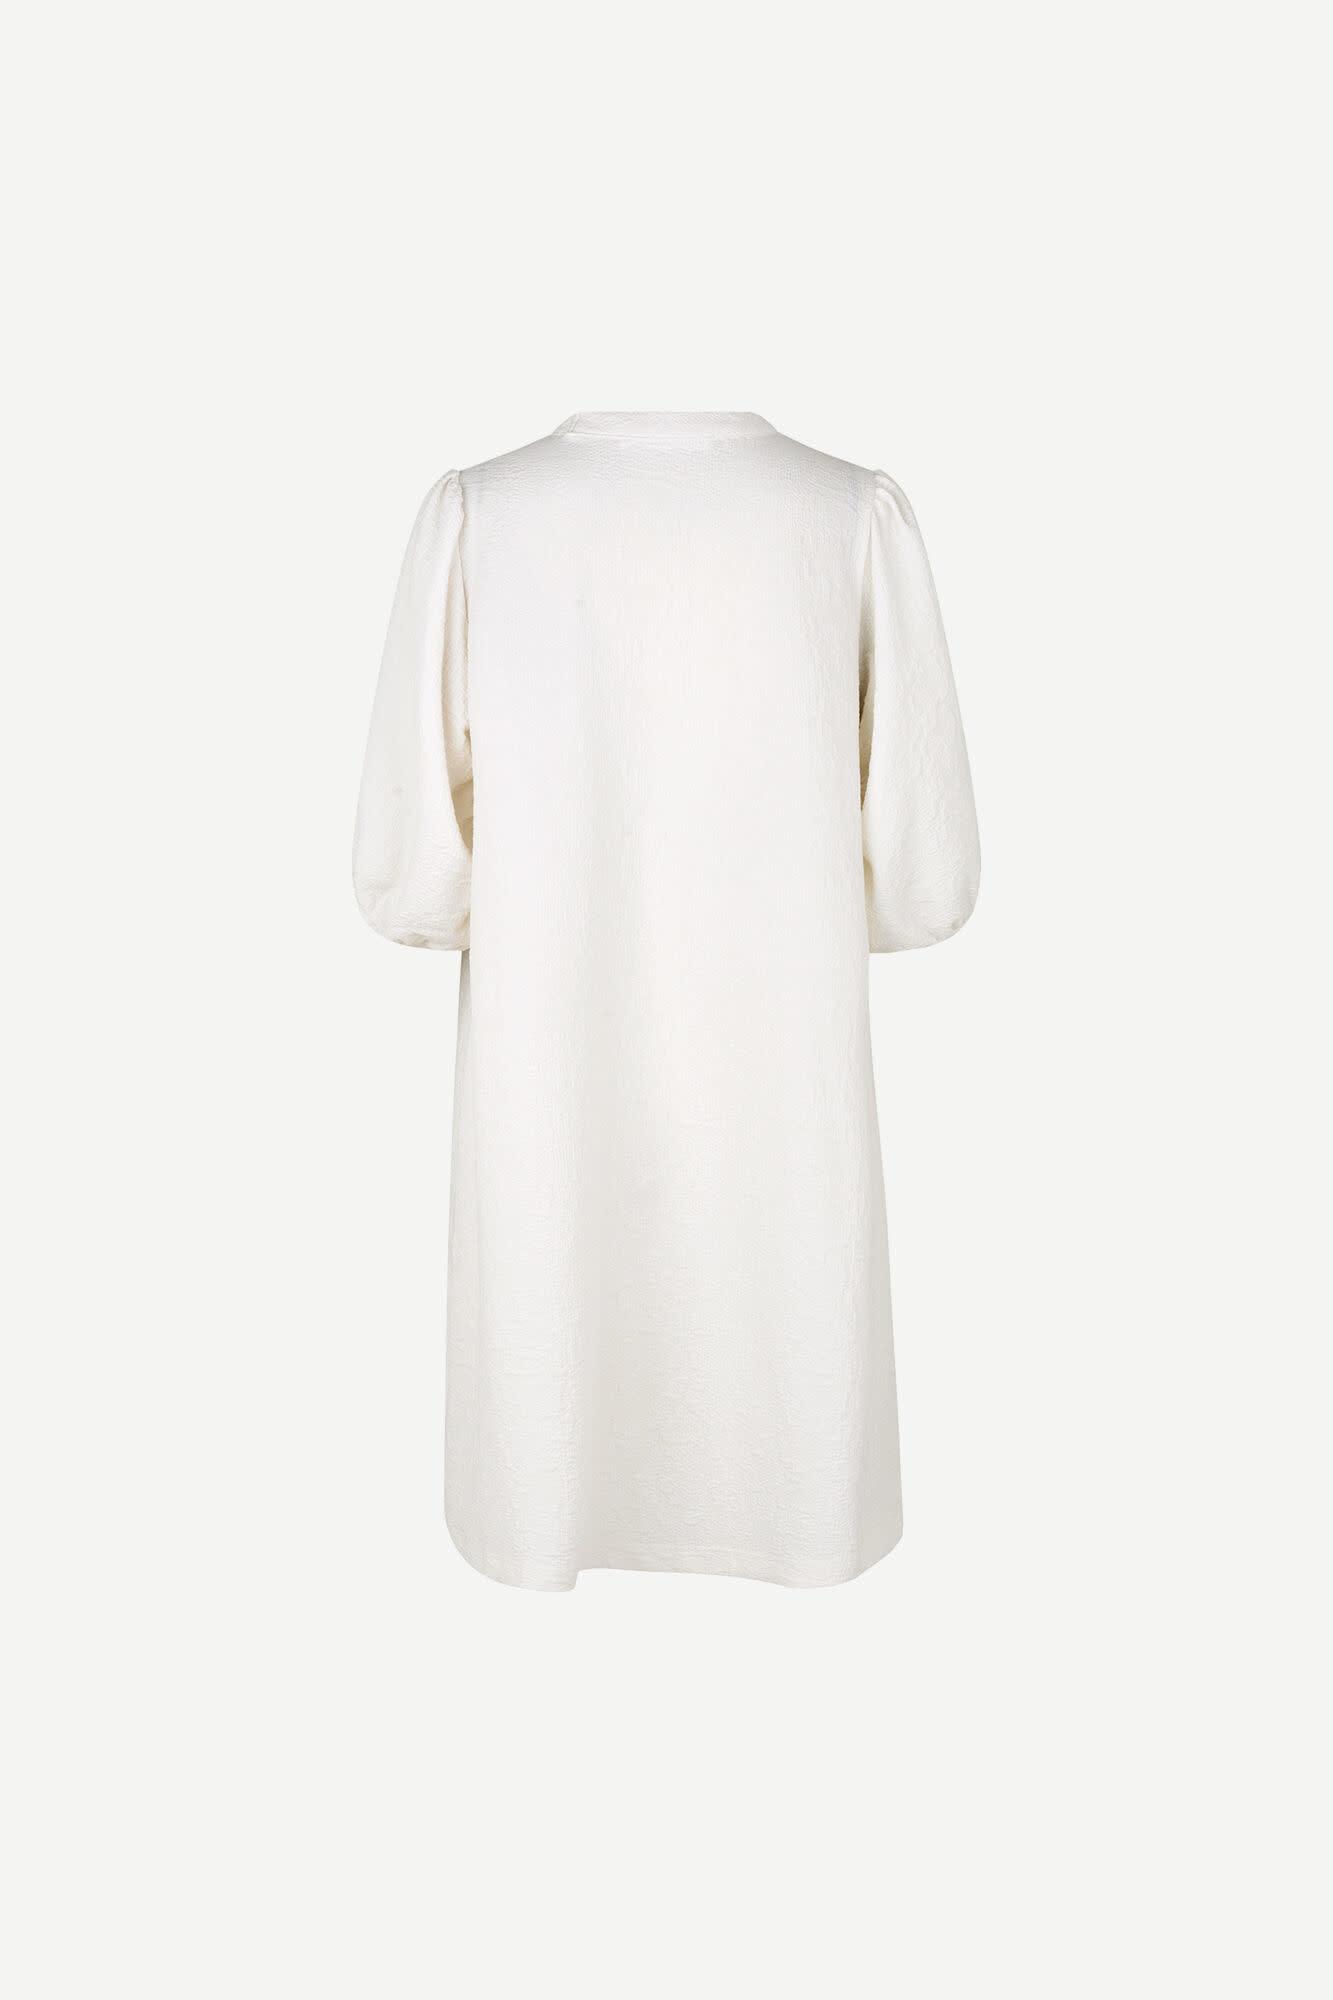 Junis Short Sleeve Dress White-3